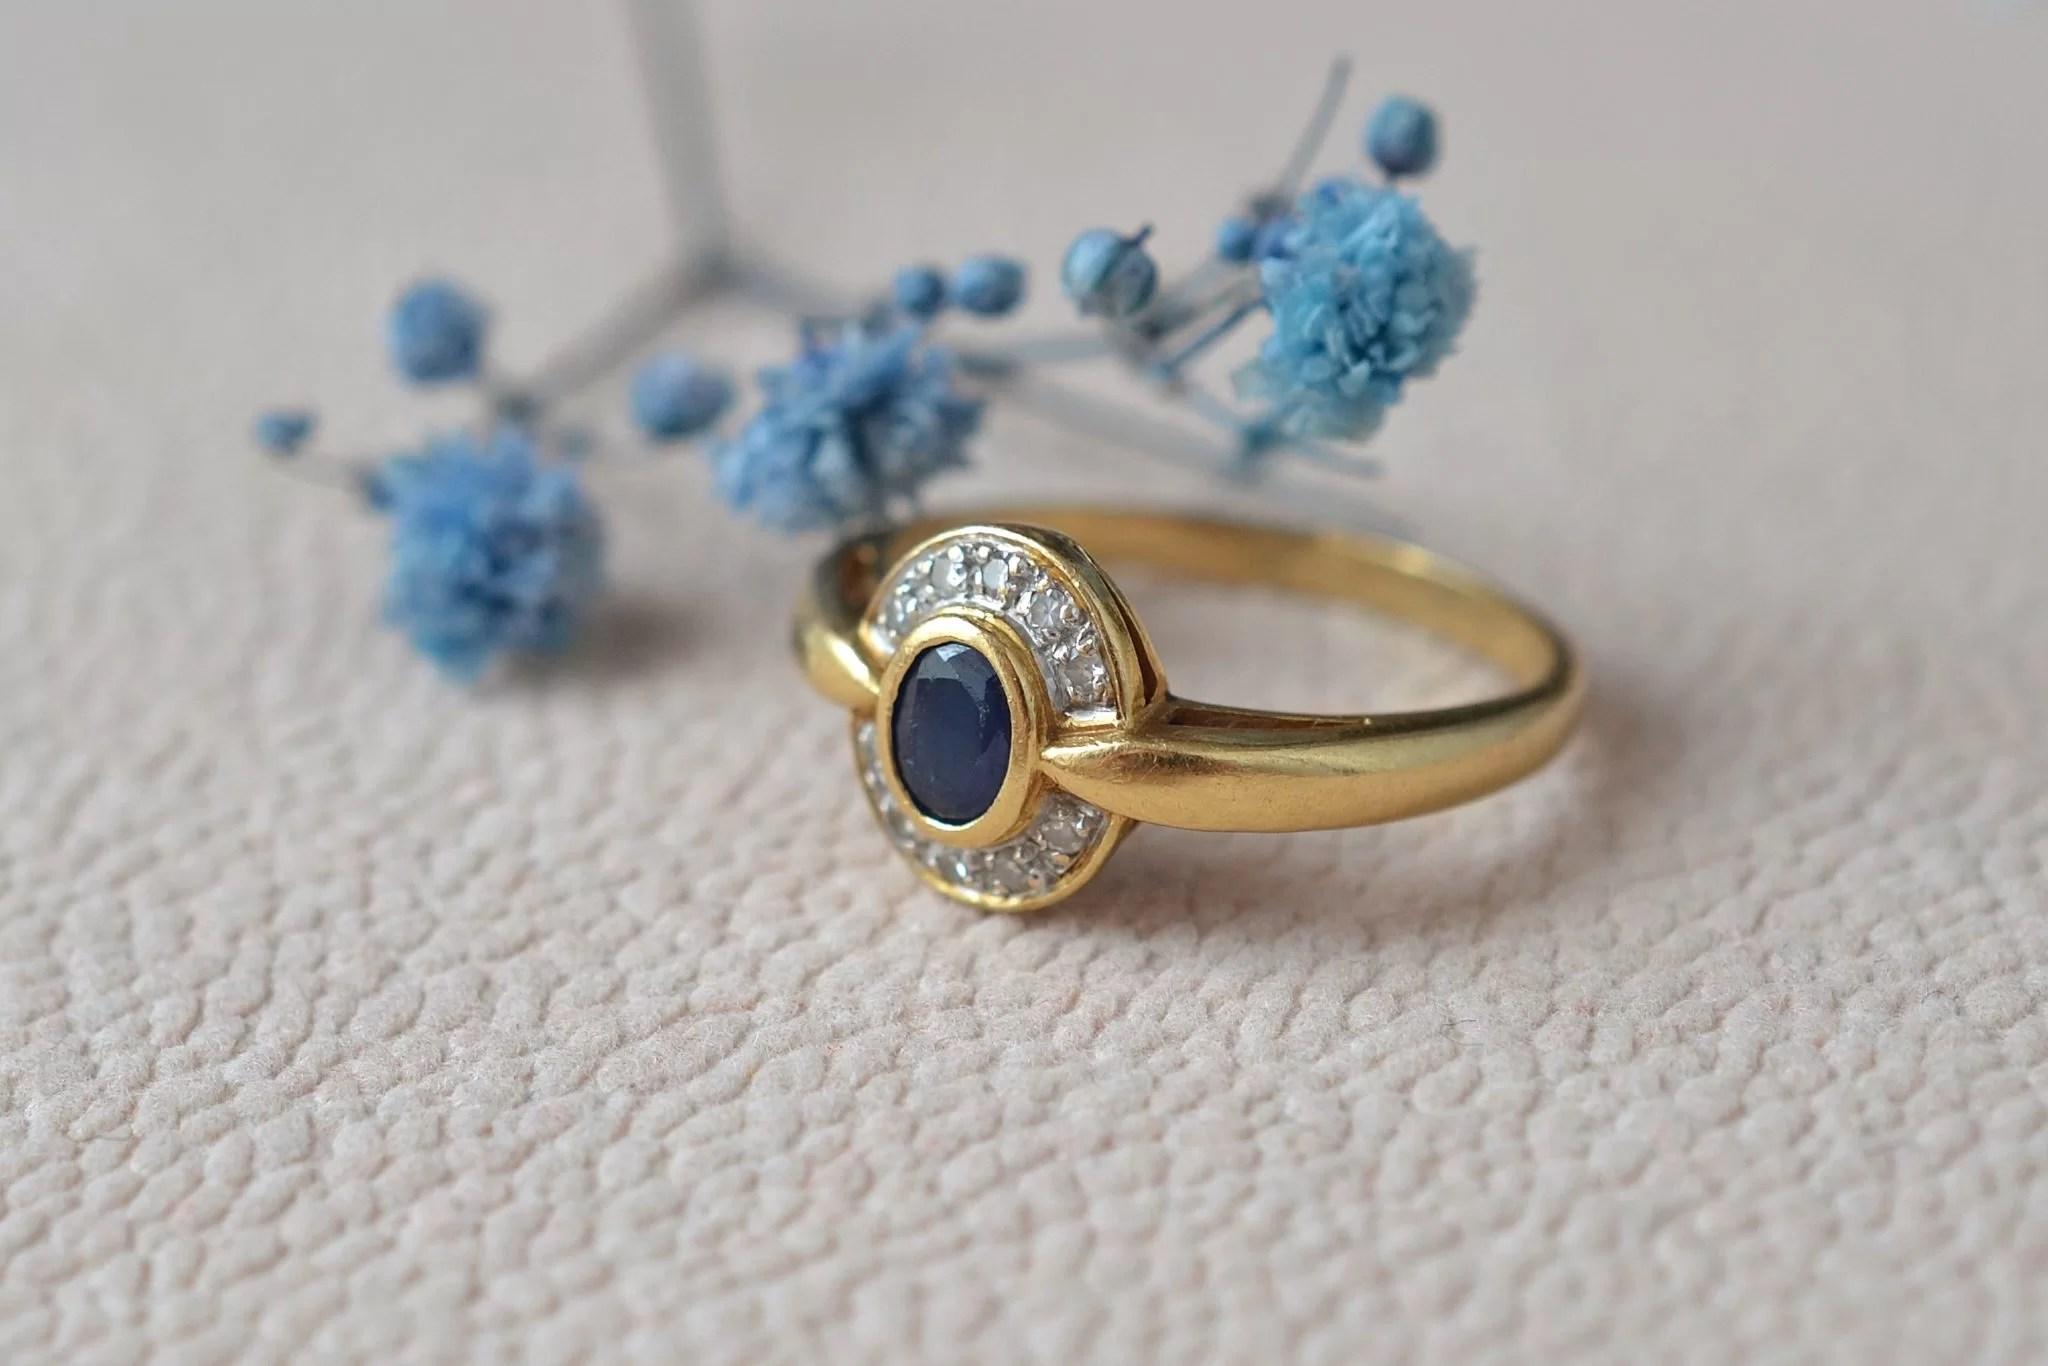 Bague Monture En Or Jaune Sertie D_un Saphir Dans Un Entourage De Diamants Taille 8_8 - Bague Ancienne